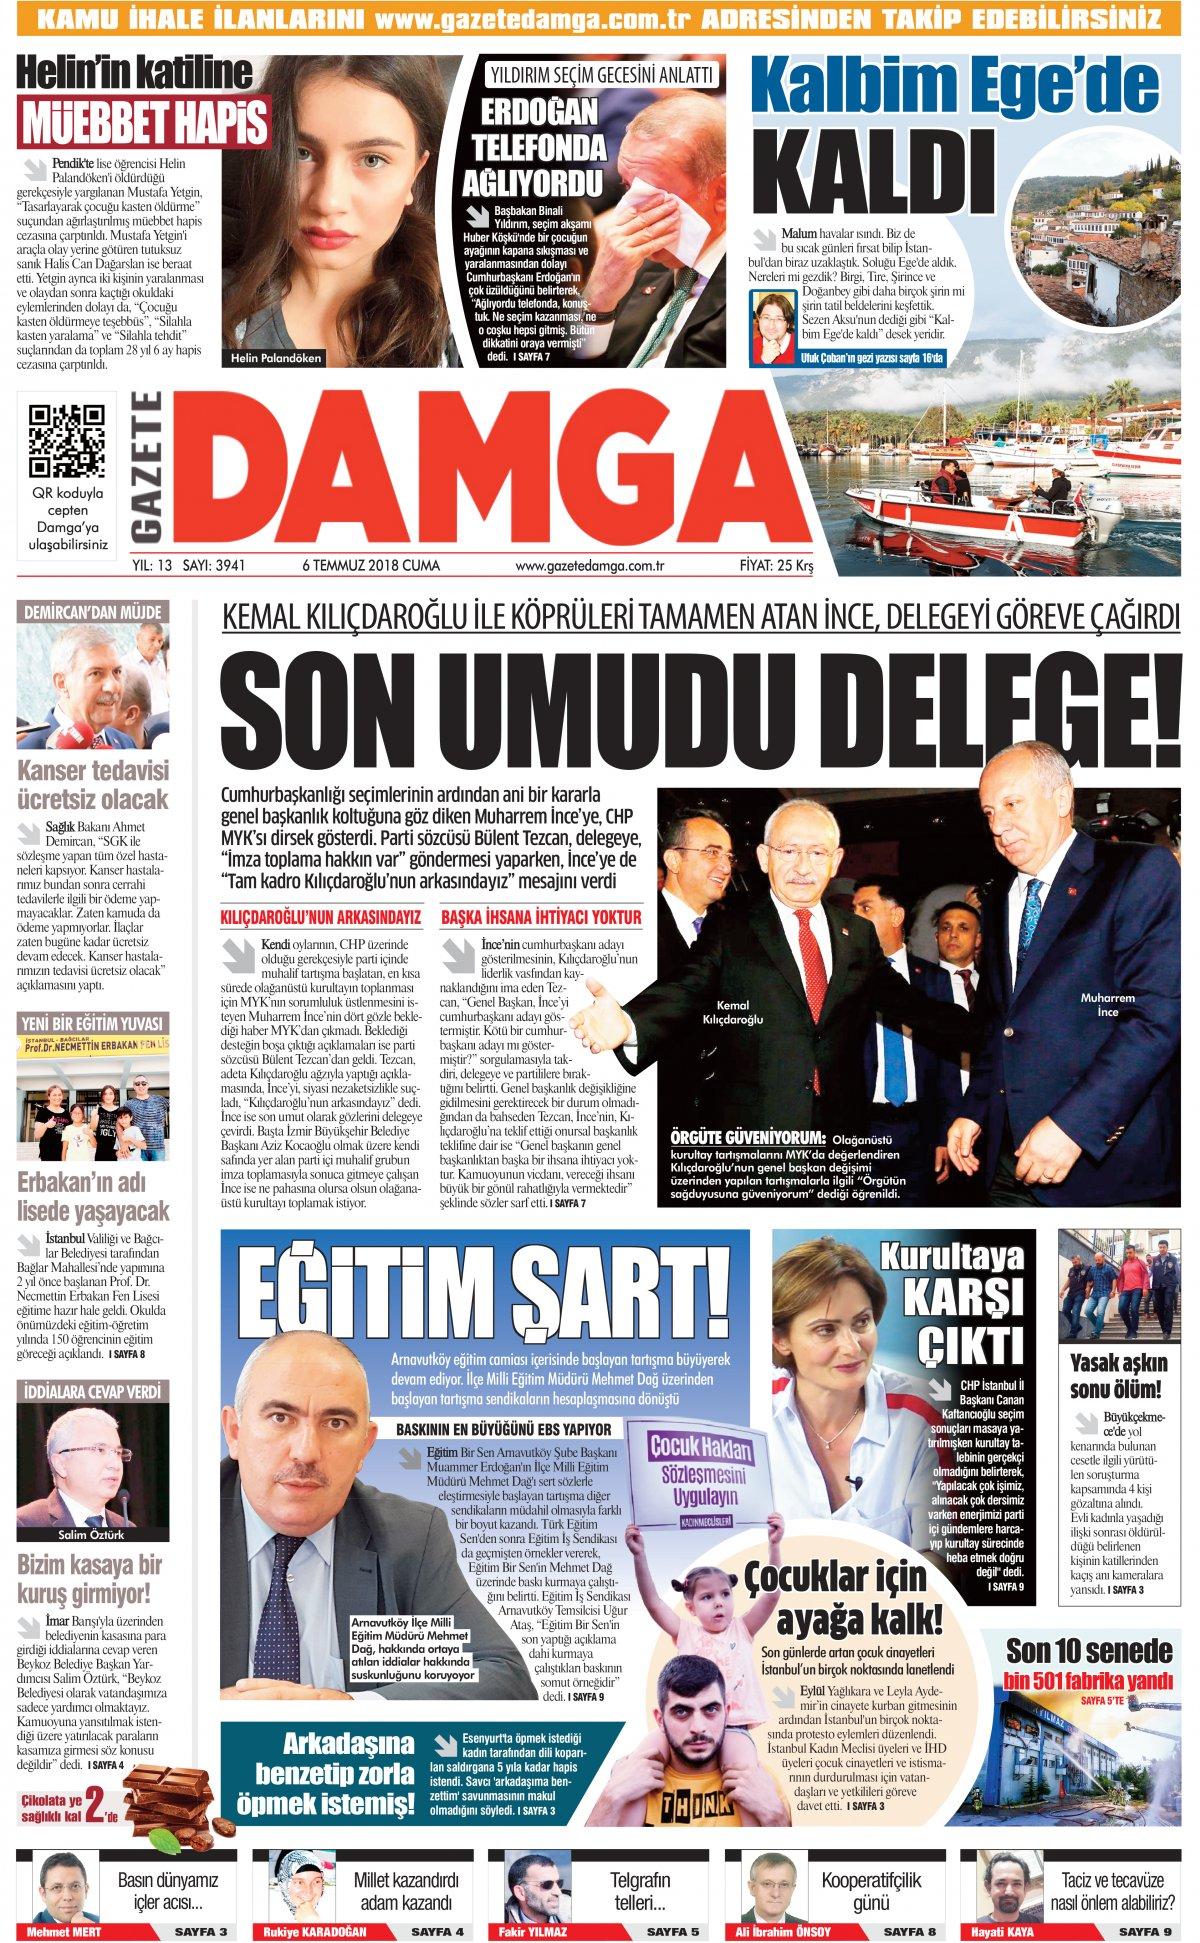 Gazete Damga - 06.07.2018 Manşeti